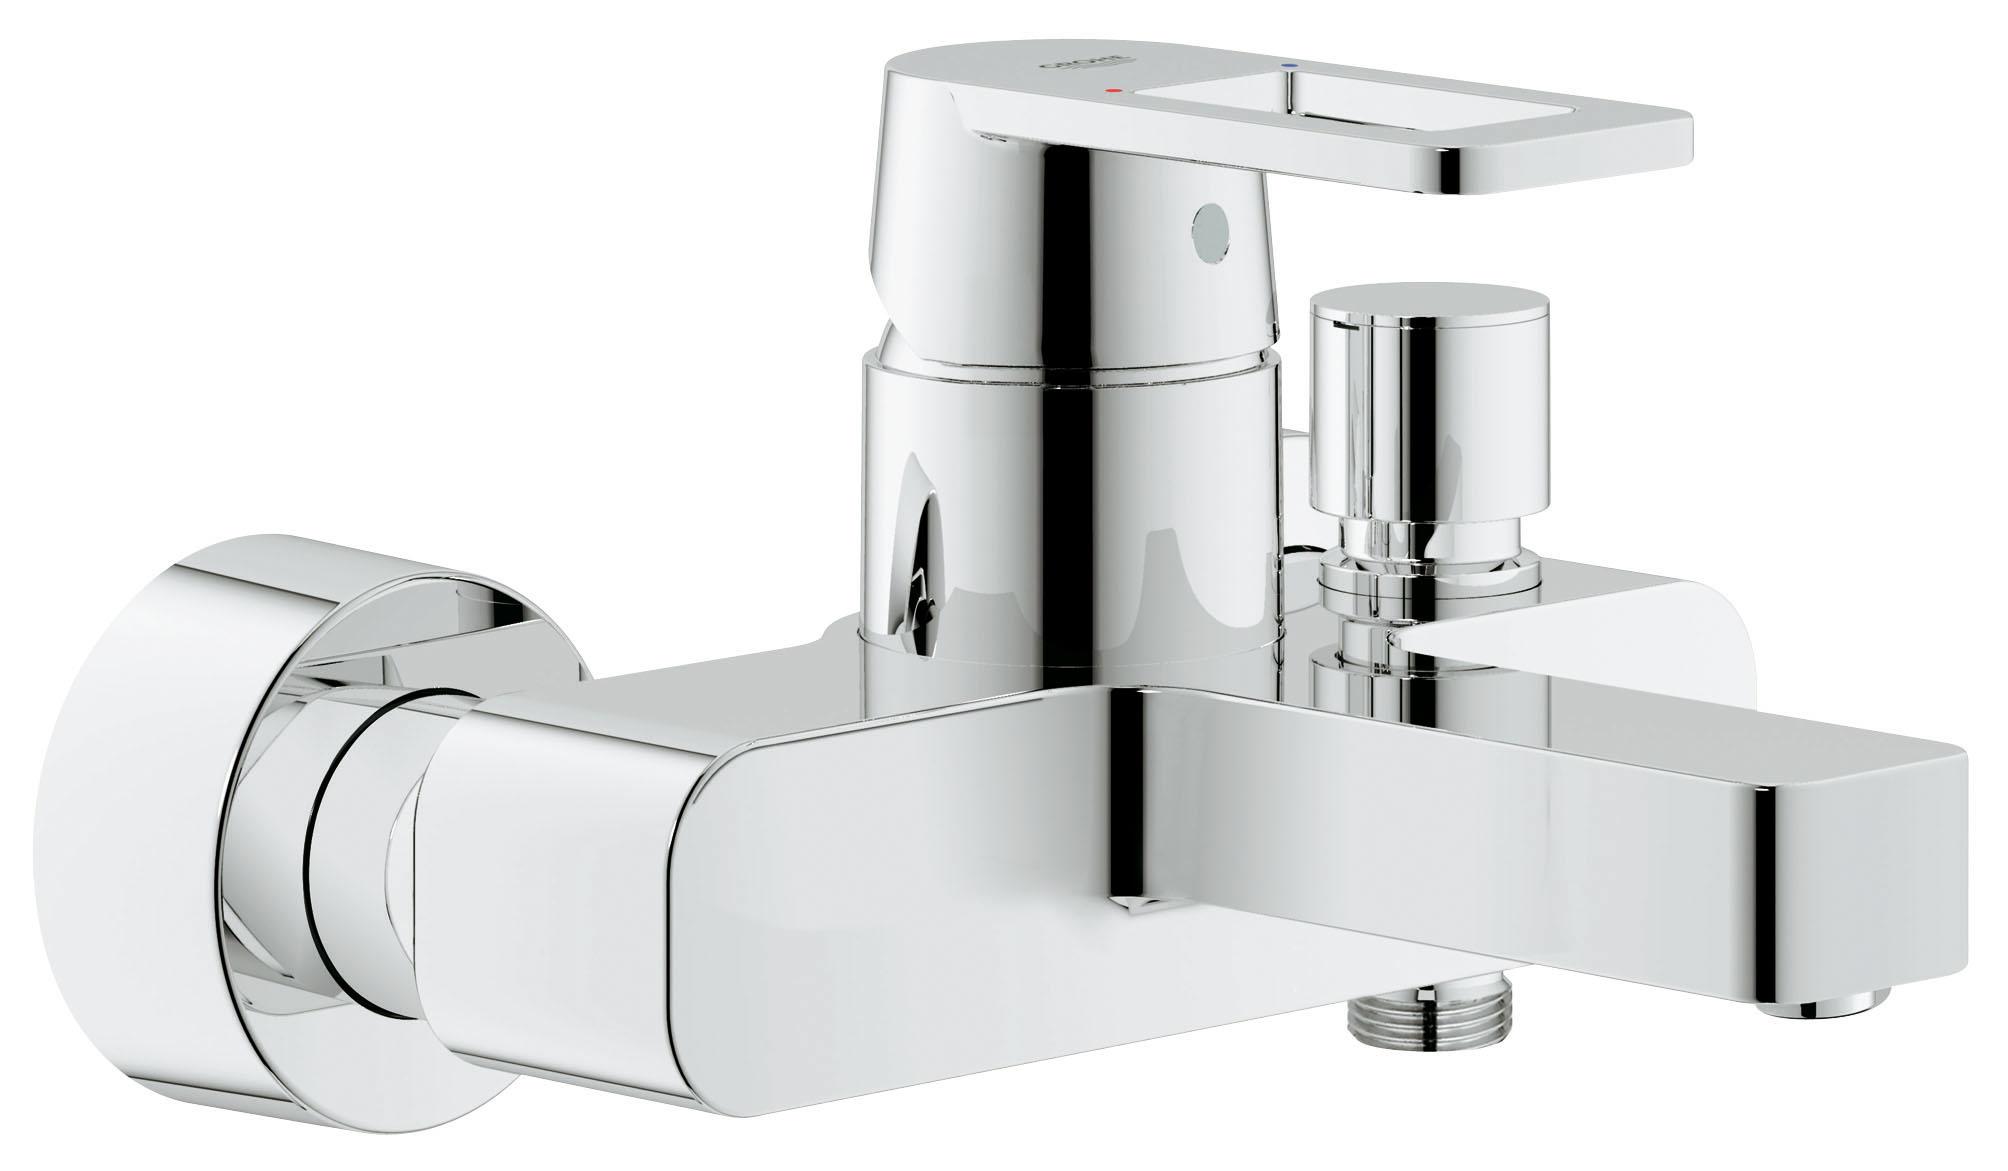 Смеситель для ванны GROHE Quadra (32638000)32638000Настенный монтаж GROHE SilkMove керамический картридж O 46 мм GROHE StarLight хромированная поверхностьРегулировка расхода воды Автоматический переключатель: ванна/душ Аэратор Отвод для душа снизу 1/2? со встроенным обратным клапаном Скрытые S-образные эксцентрики С защитой от обратного потокаВидео по установке является исключительно информационным. Установка должна проводиться профессионалами! хром.